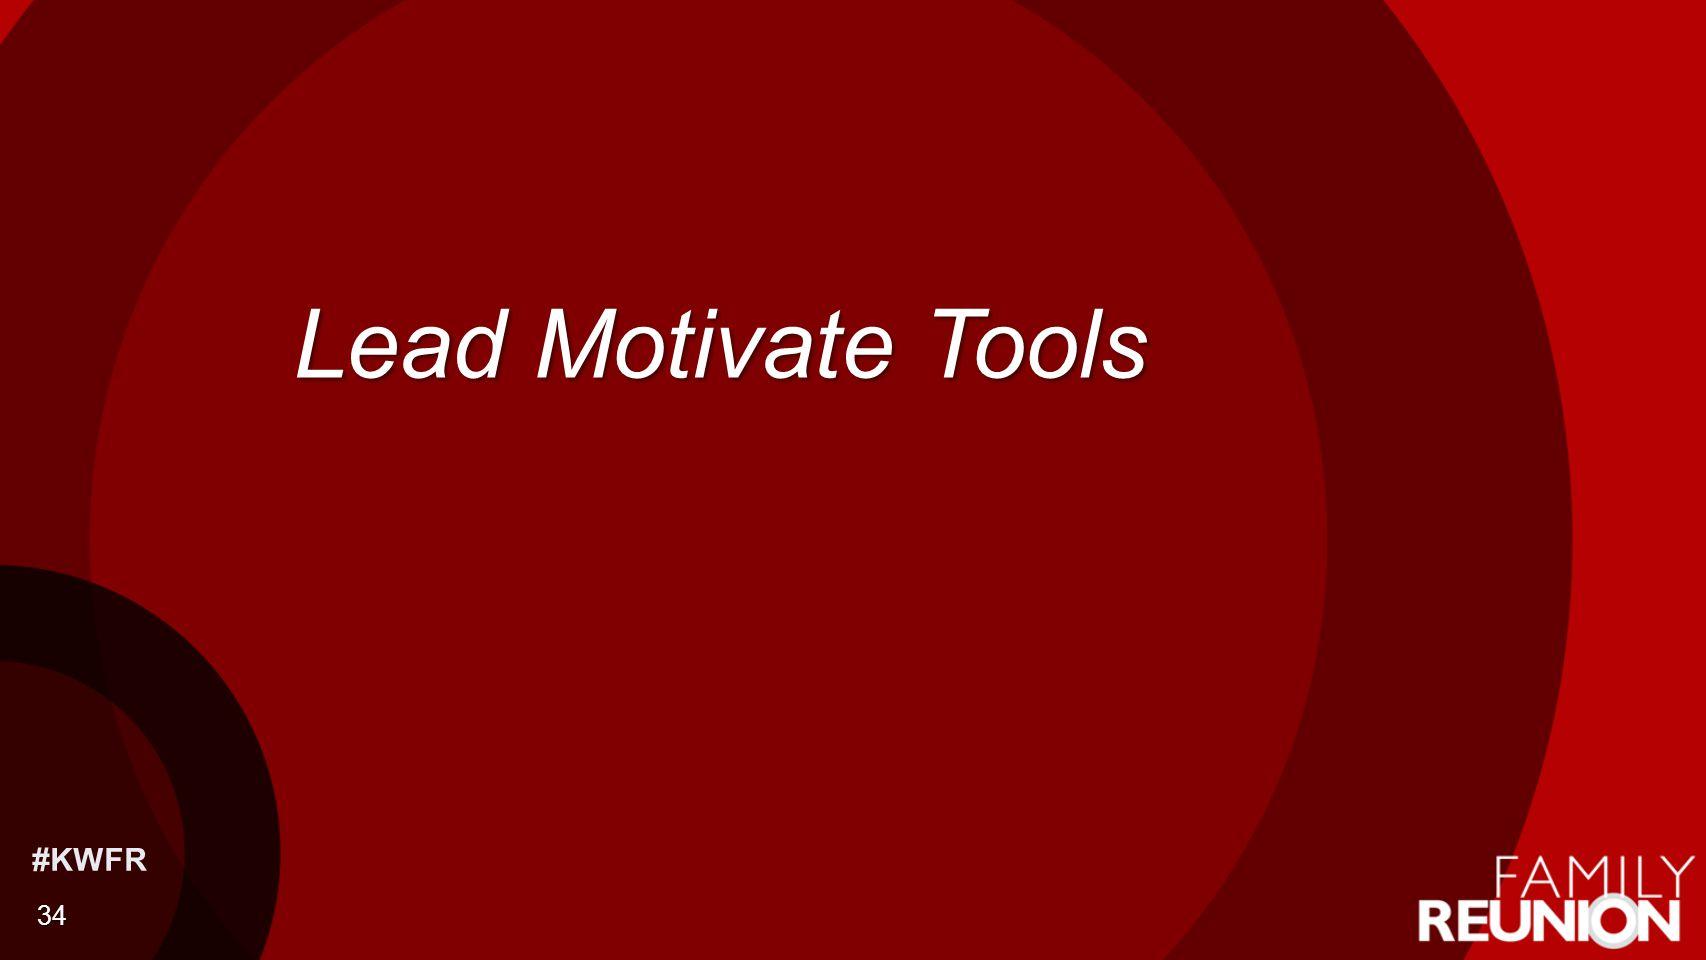 Lead Motivate Tools